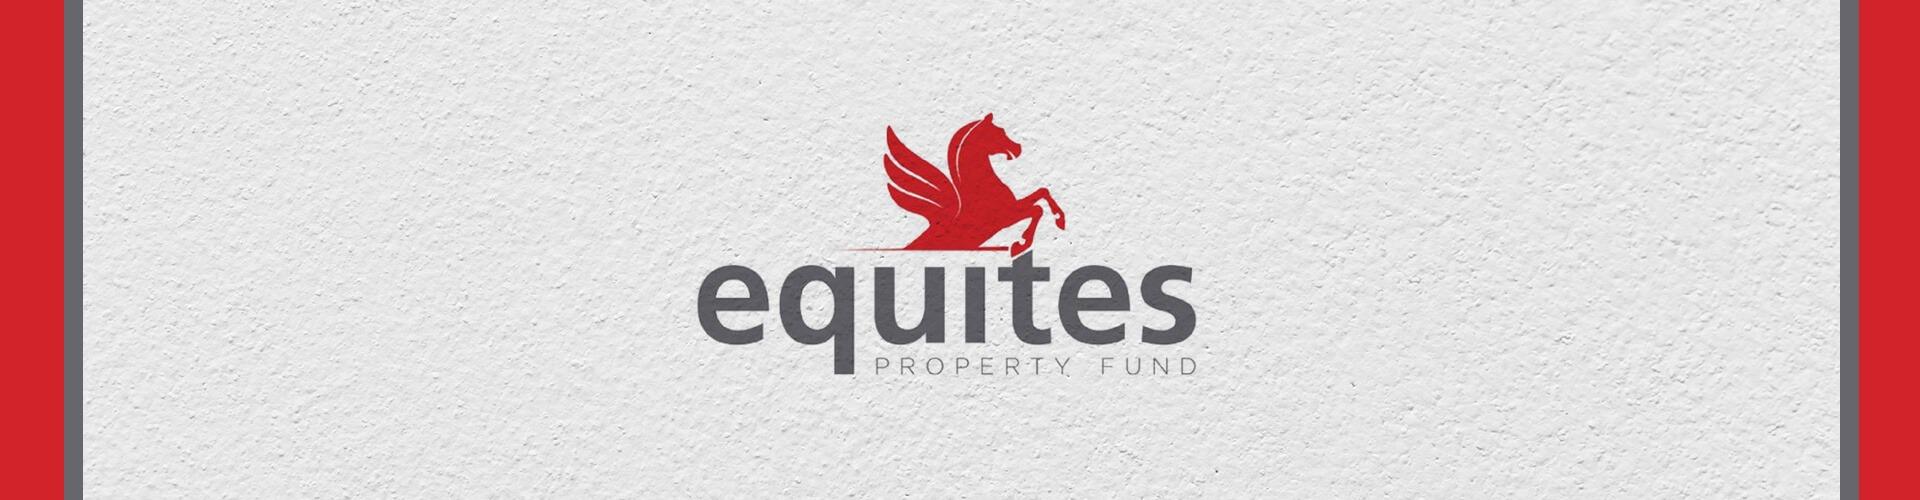 Equites header